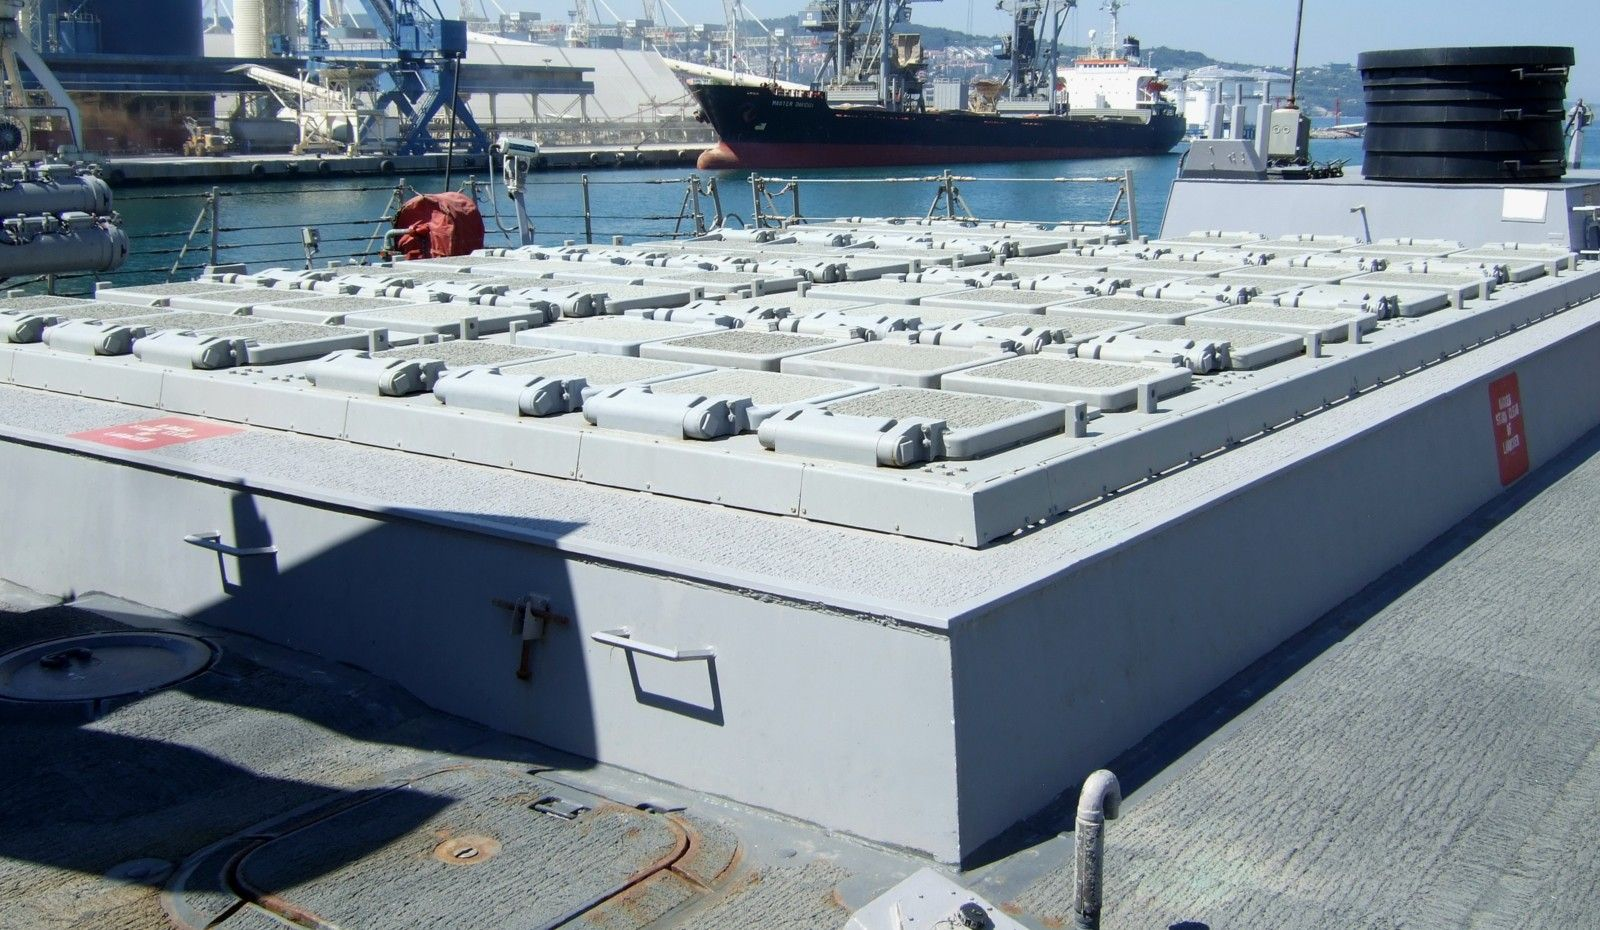 mk-41 verticales sistema de lanzamiento de misiles vls estándar sm-2 sm-3 sm-6 ESSM BGM-109 Tomahawk vl-ASROC